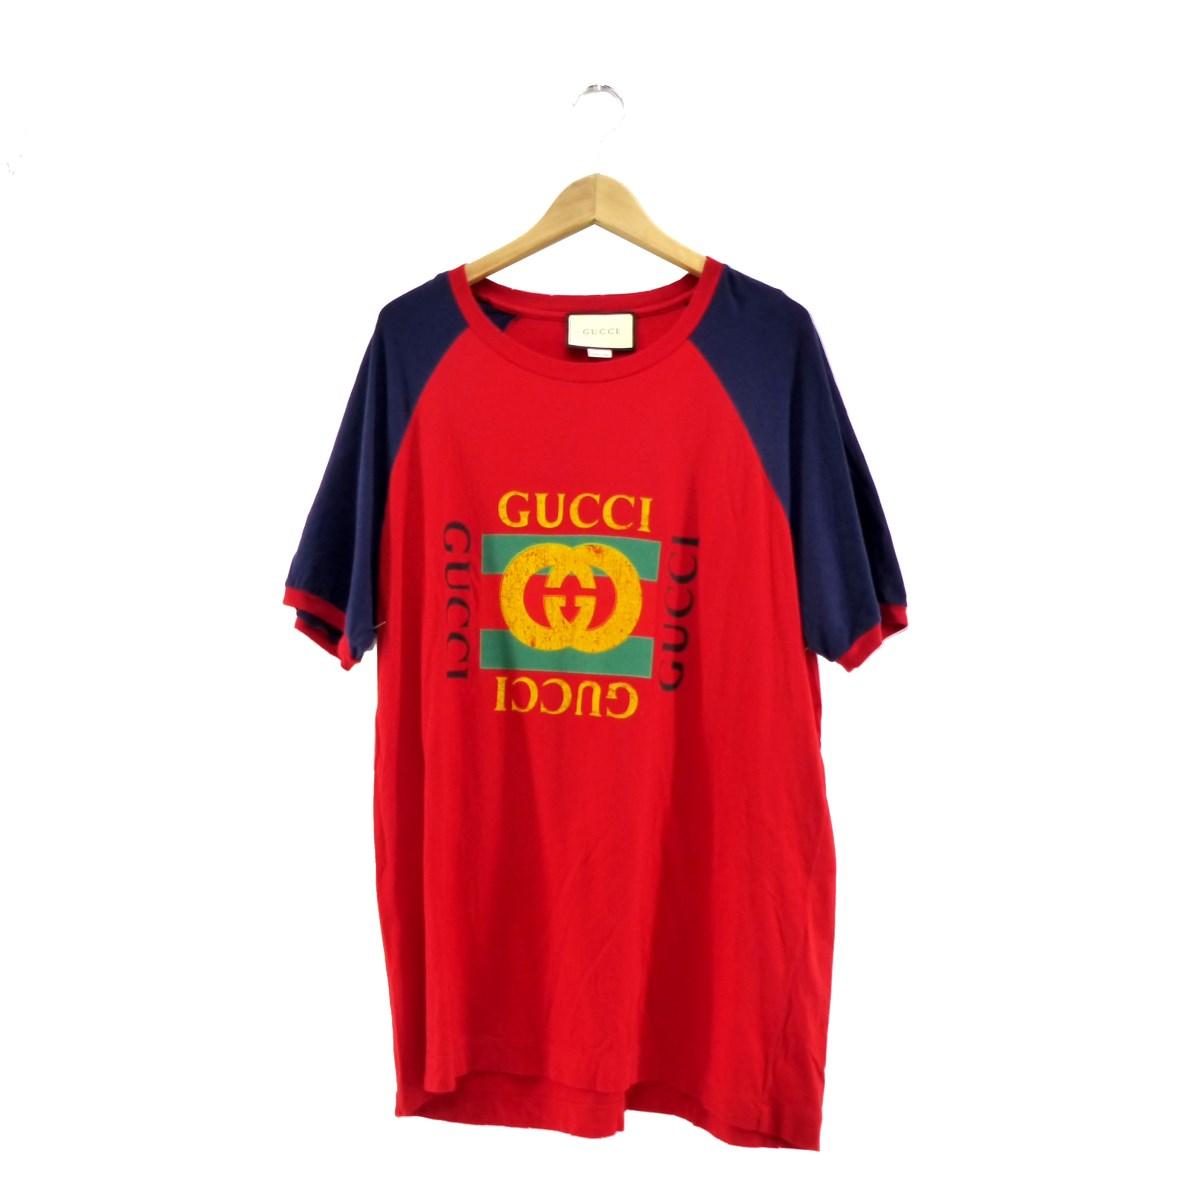 【中古】GUCCI オールドロゴTシャツ レッド サイズ:XL 【140320】(グッチ)